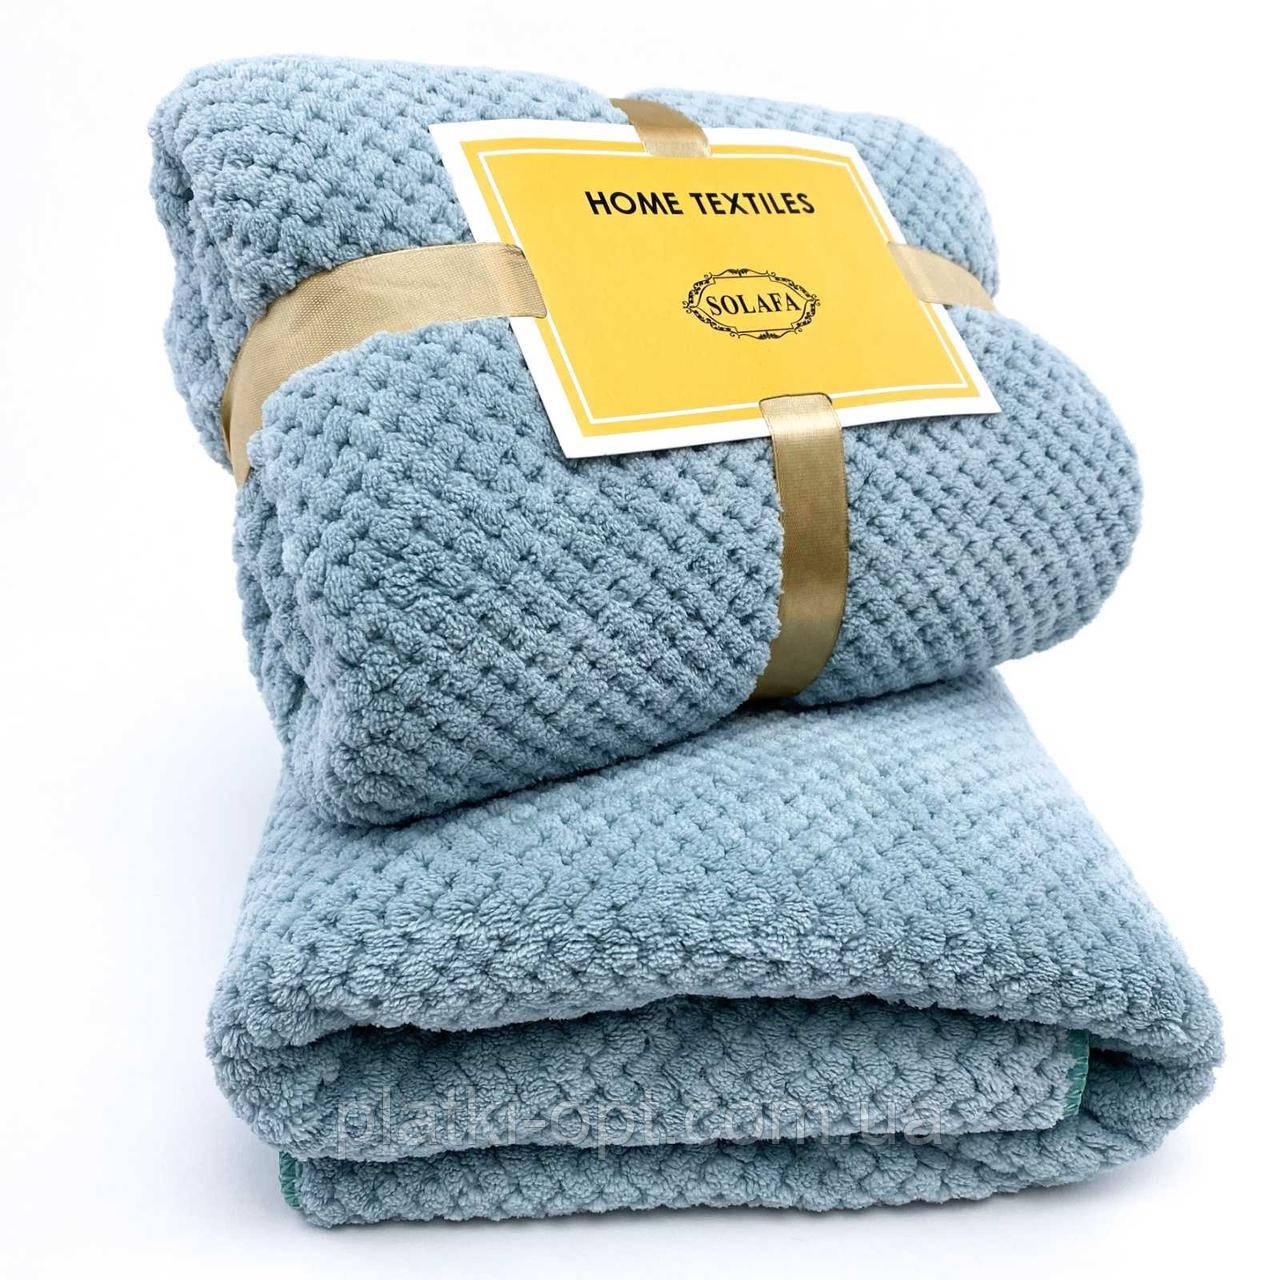 Комплект полотенец Home Textiles (бамбук) небесный